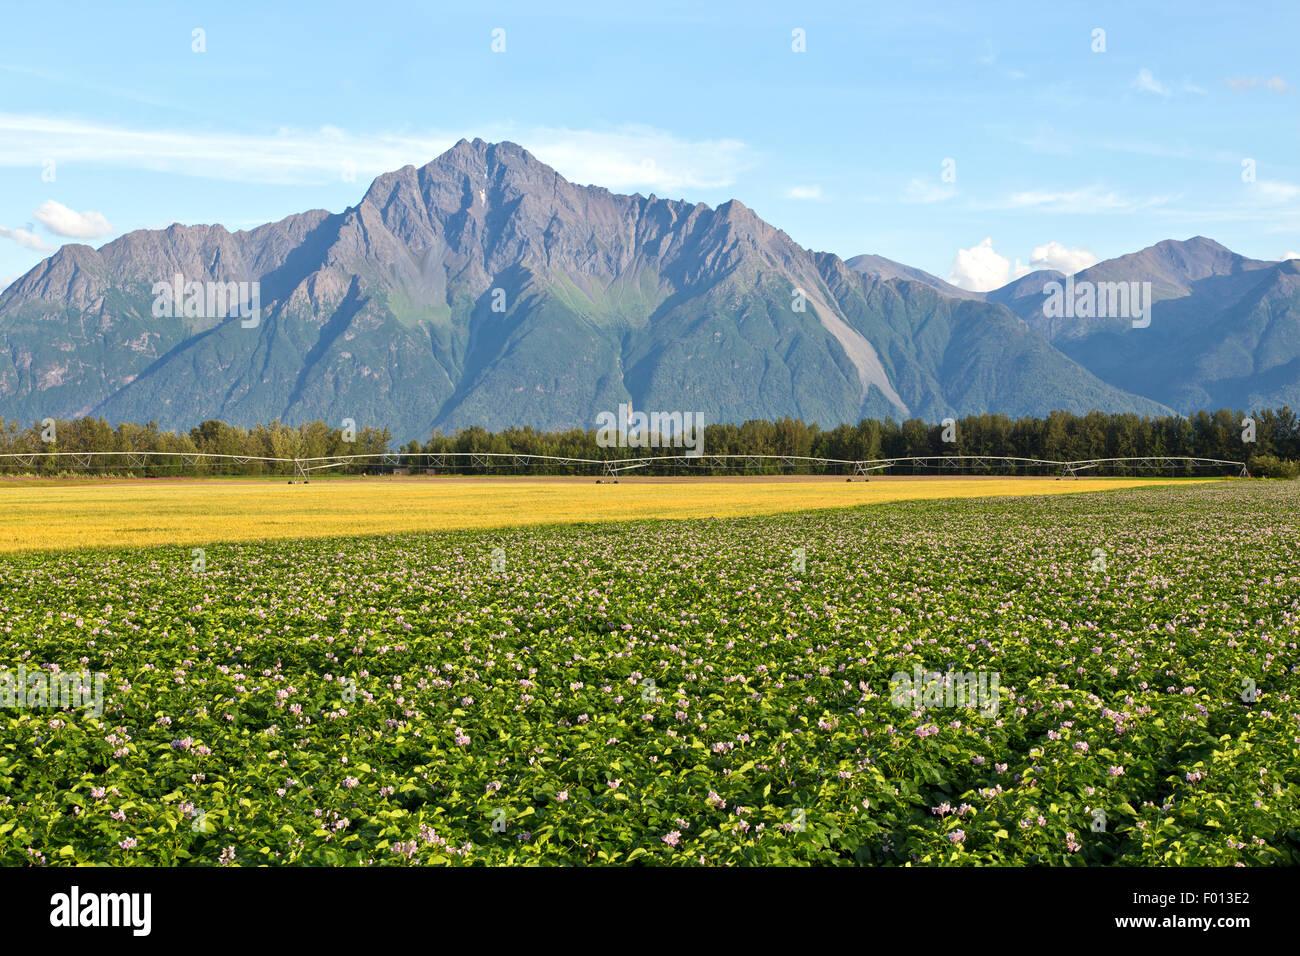 Champ de pommes de terre, la floraison du blé, de l'échéance de la ligne de l'irrigation. Photo Stock